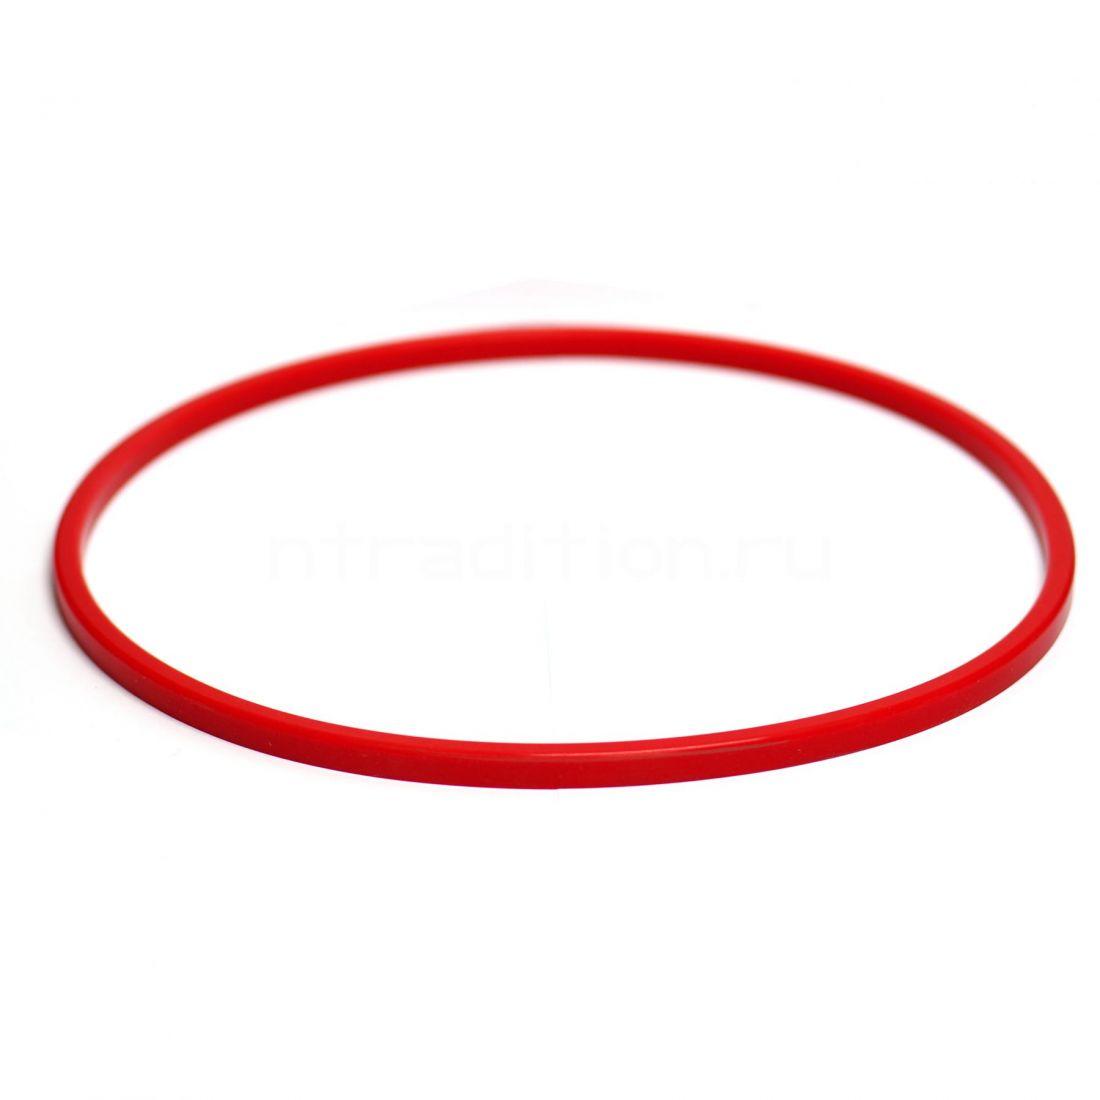 Толстая прокладка для куба, Люкссталь и Самогонофф профи, объемом 25 литров (красная)